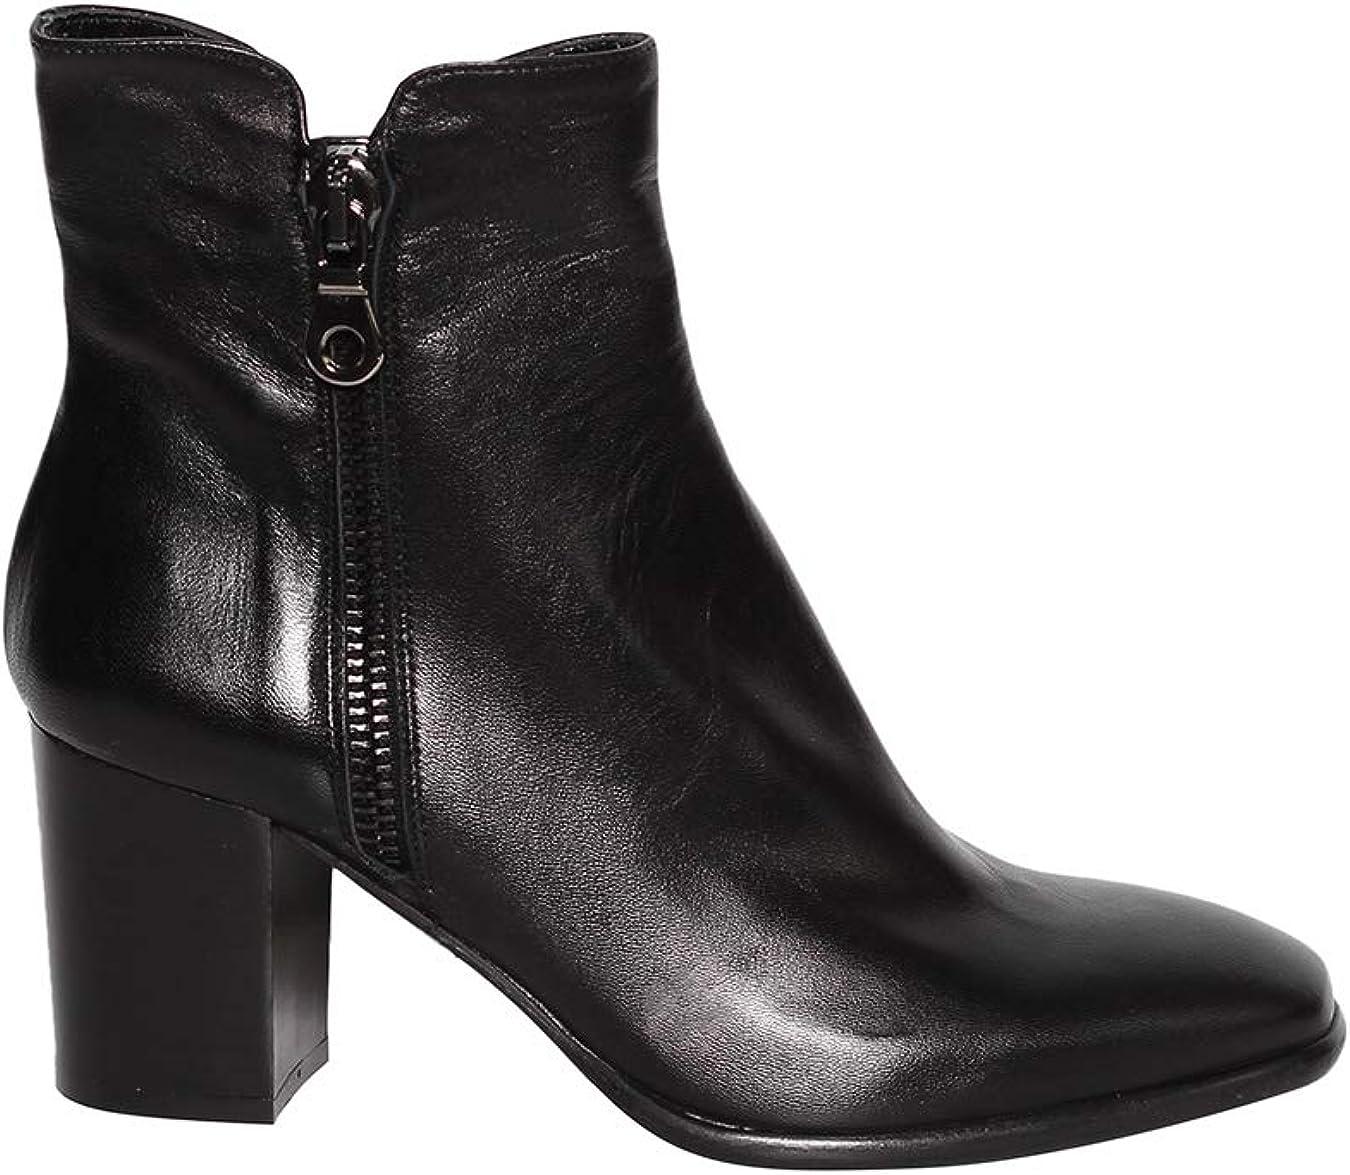 Stivali con tacco 3,5 cm camoscio e look in pelle lucida